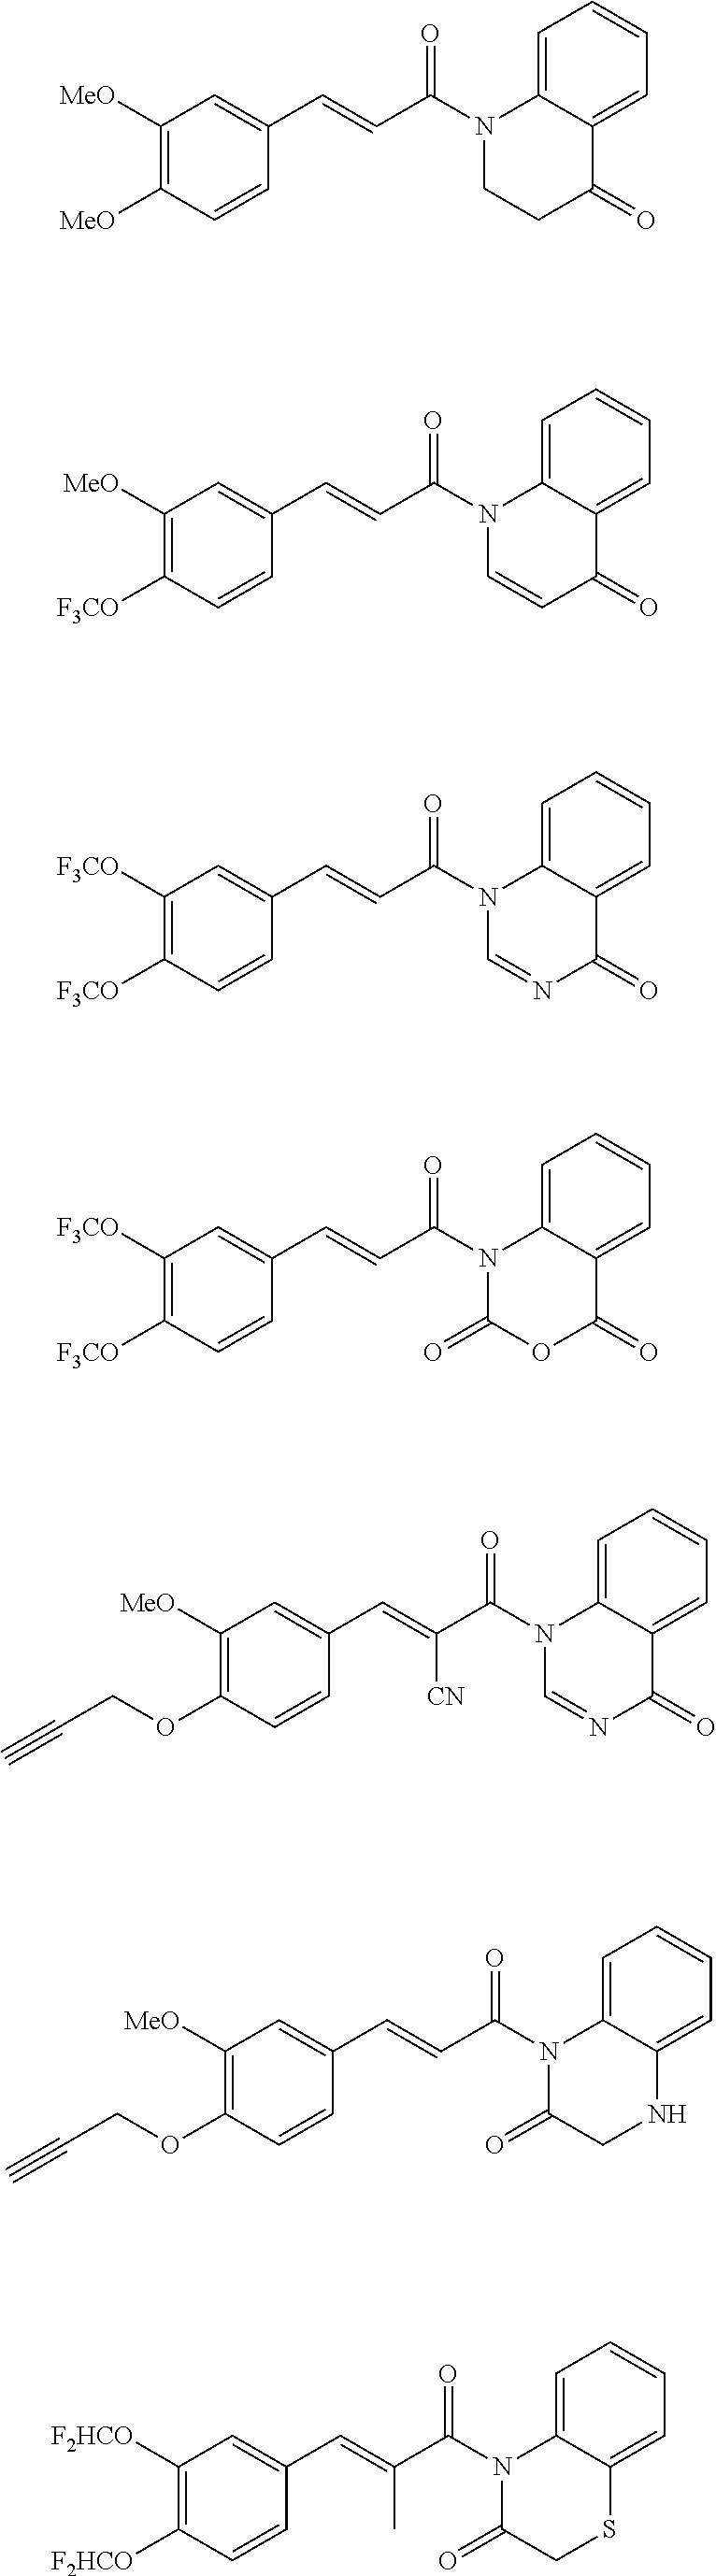 Figure US09951087-20180424-C00018